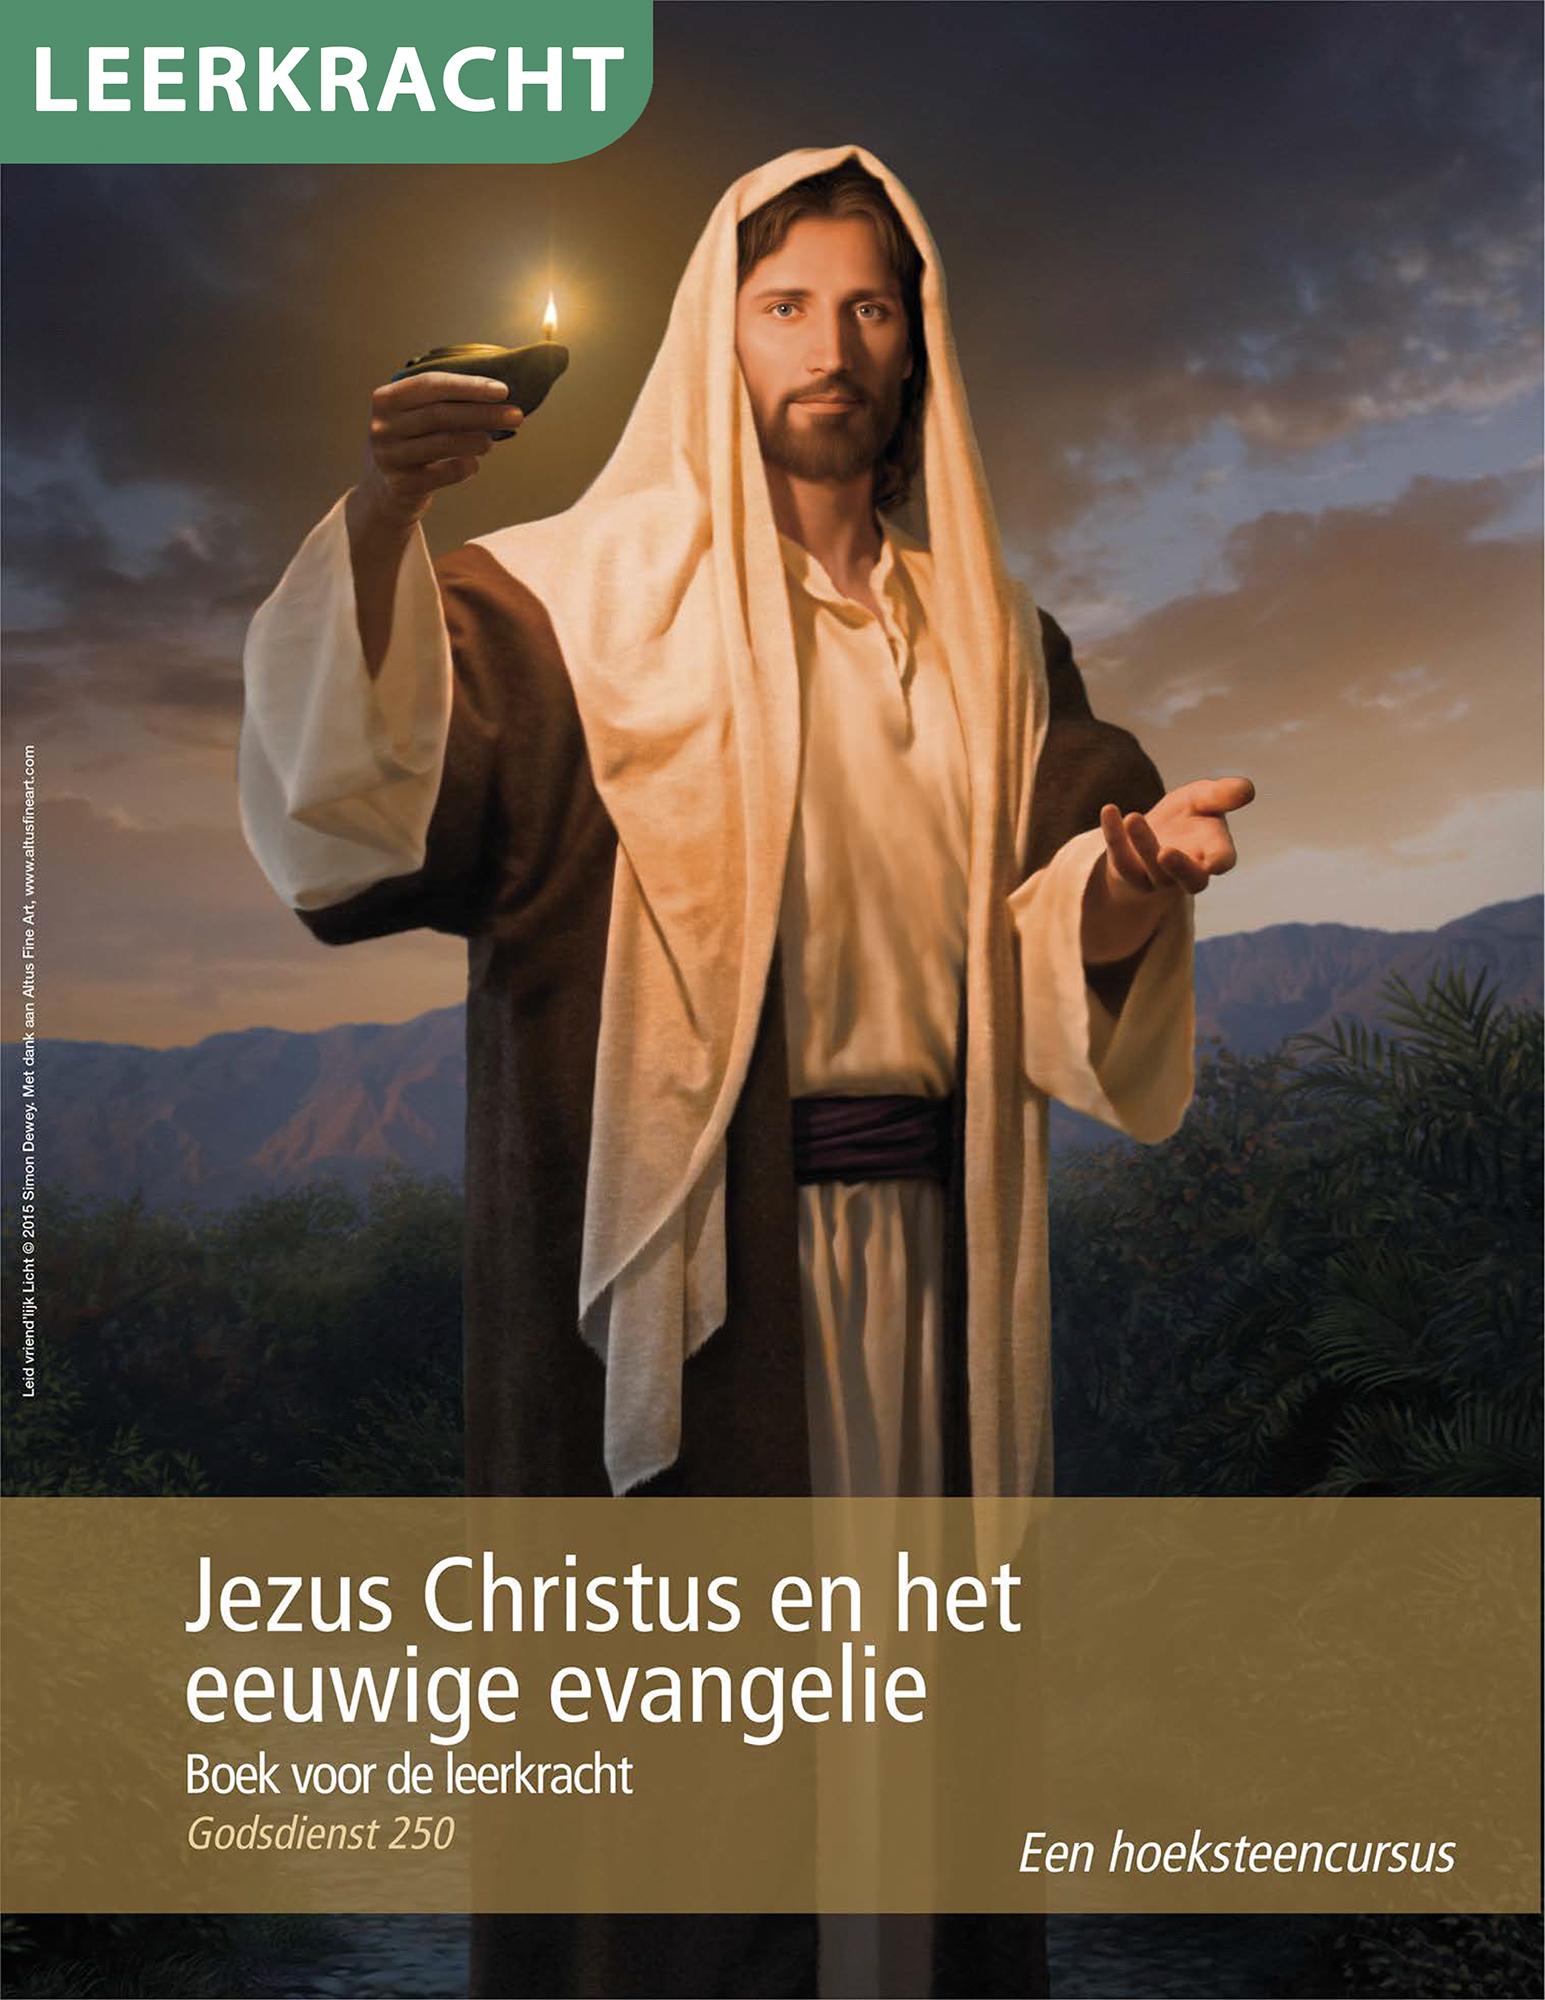 Jezus Christus en het eeuwige evangelie — leerkrachtenboek (Godsdienst 250)